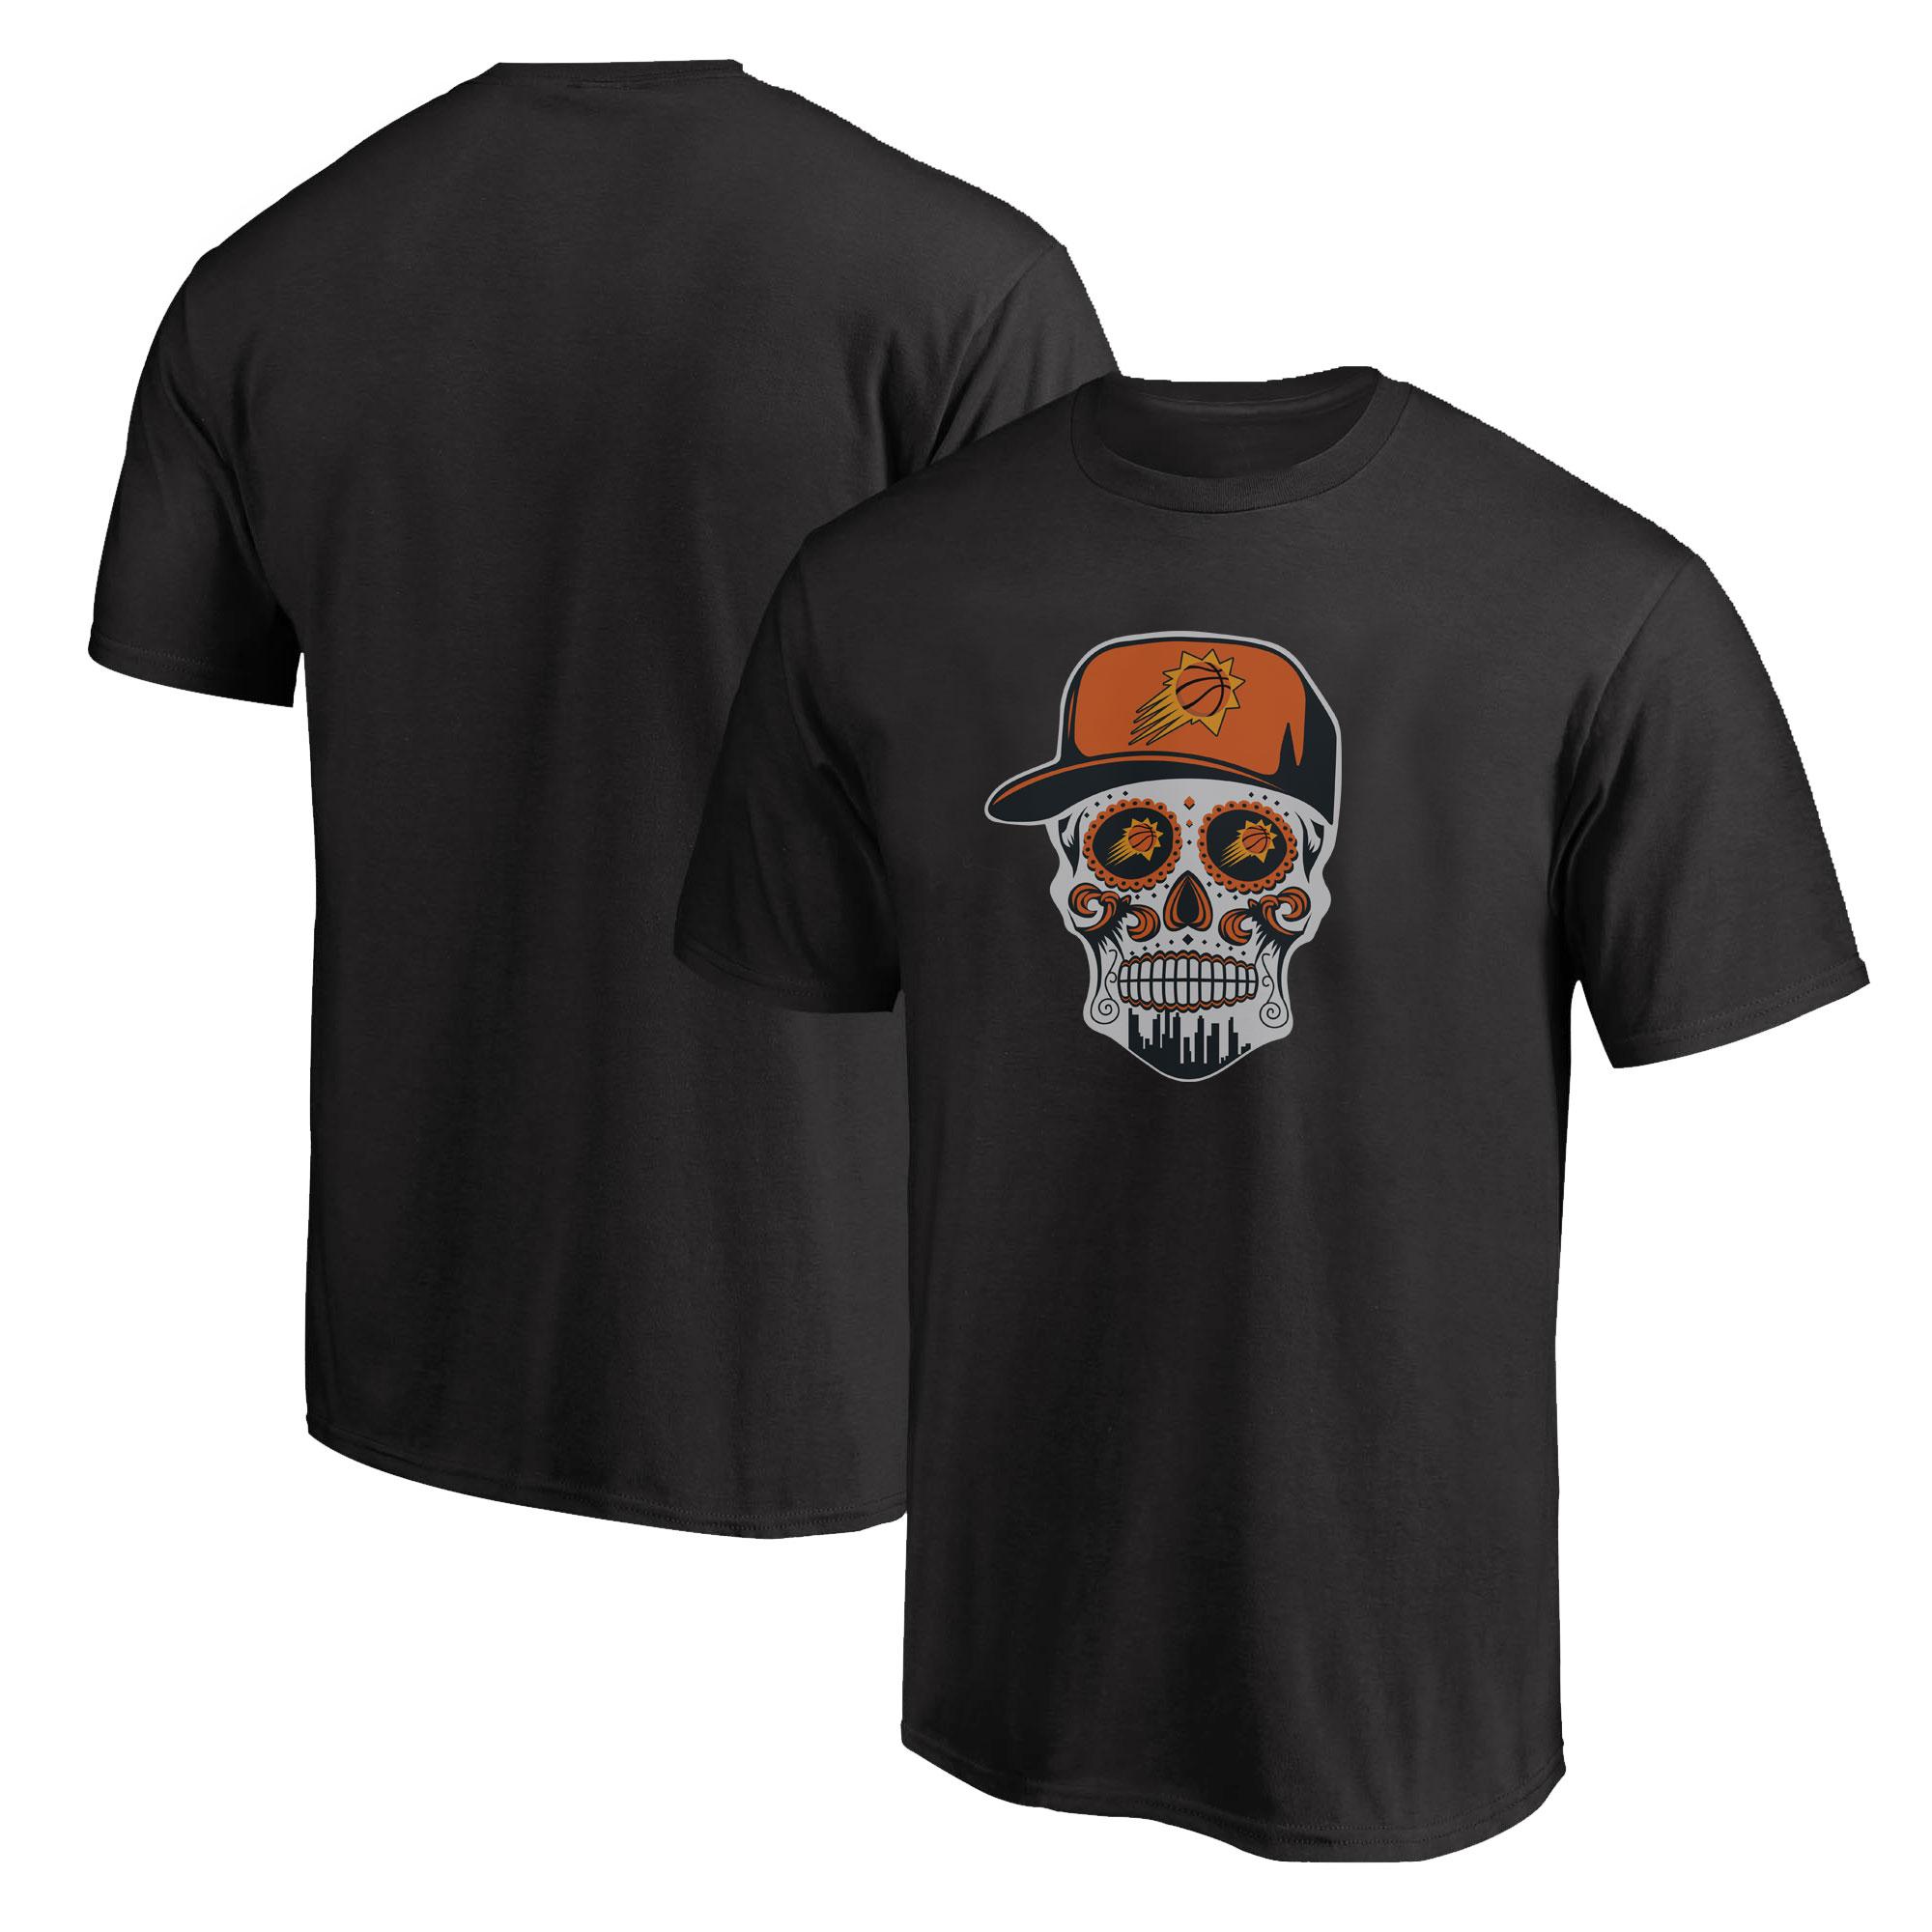 Phoenix Skull Tshirt (TSH-BLC-NP-461-NBA-PHO-SKULL)